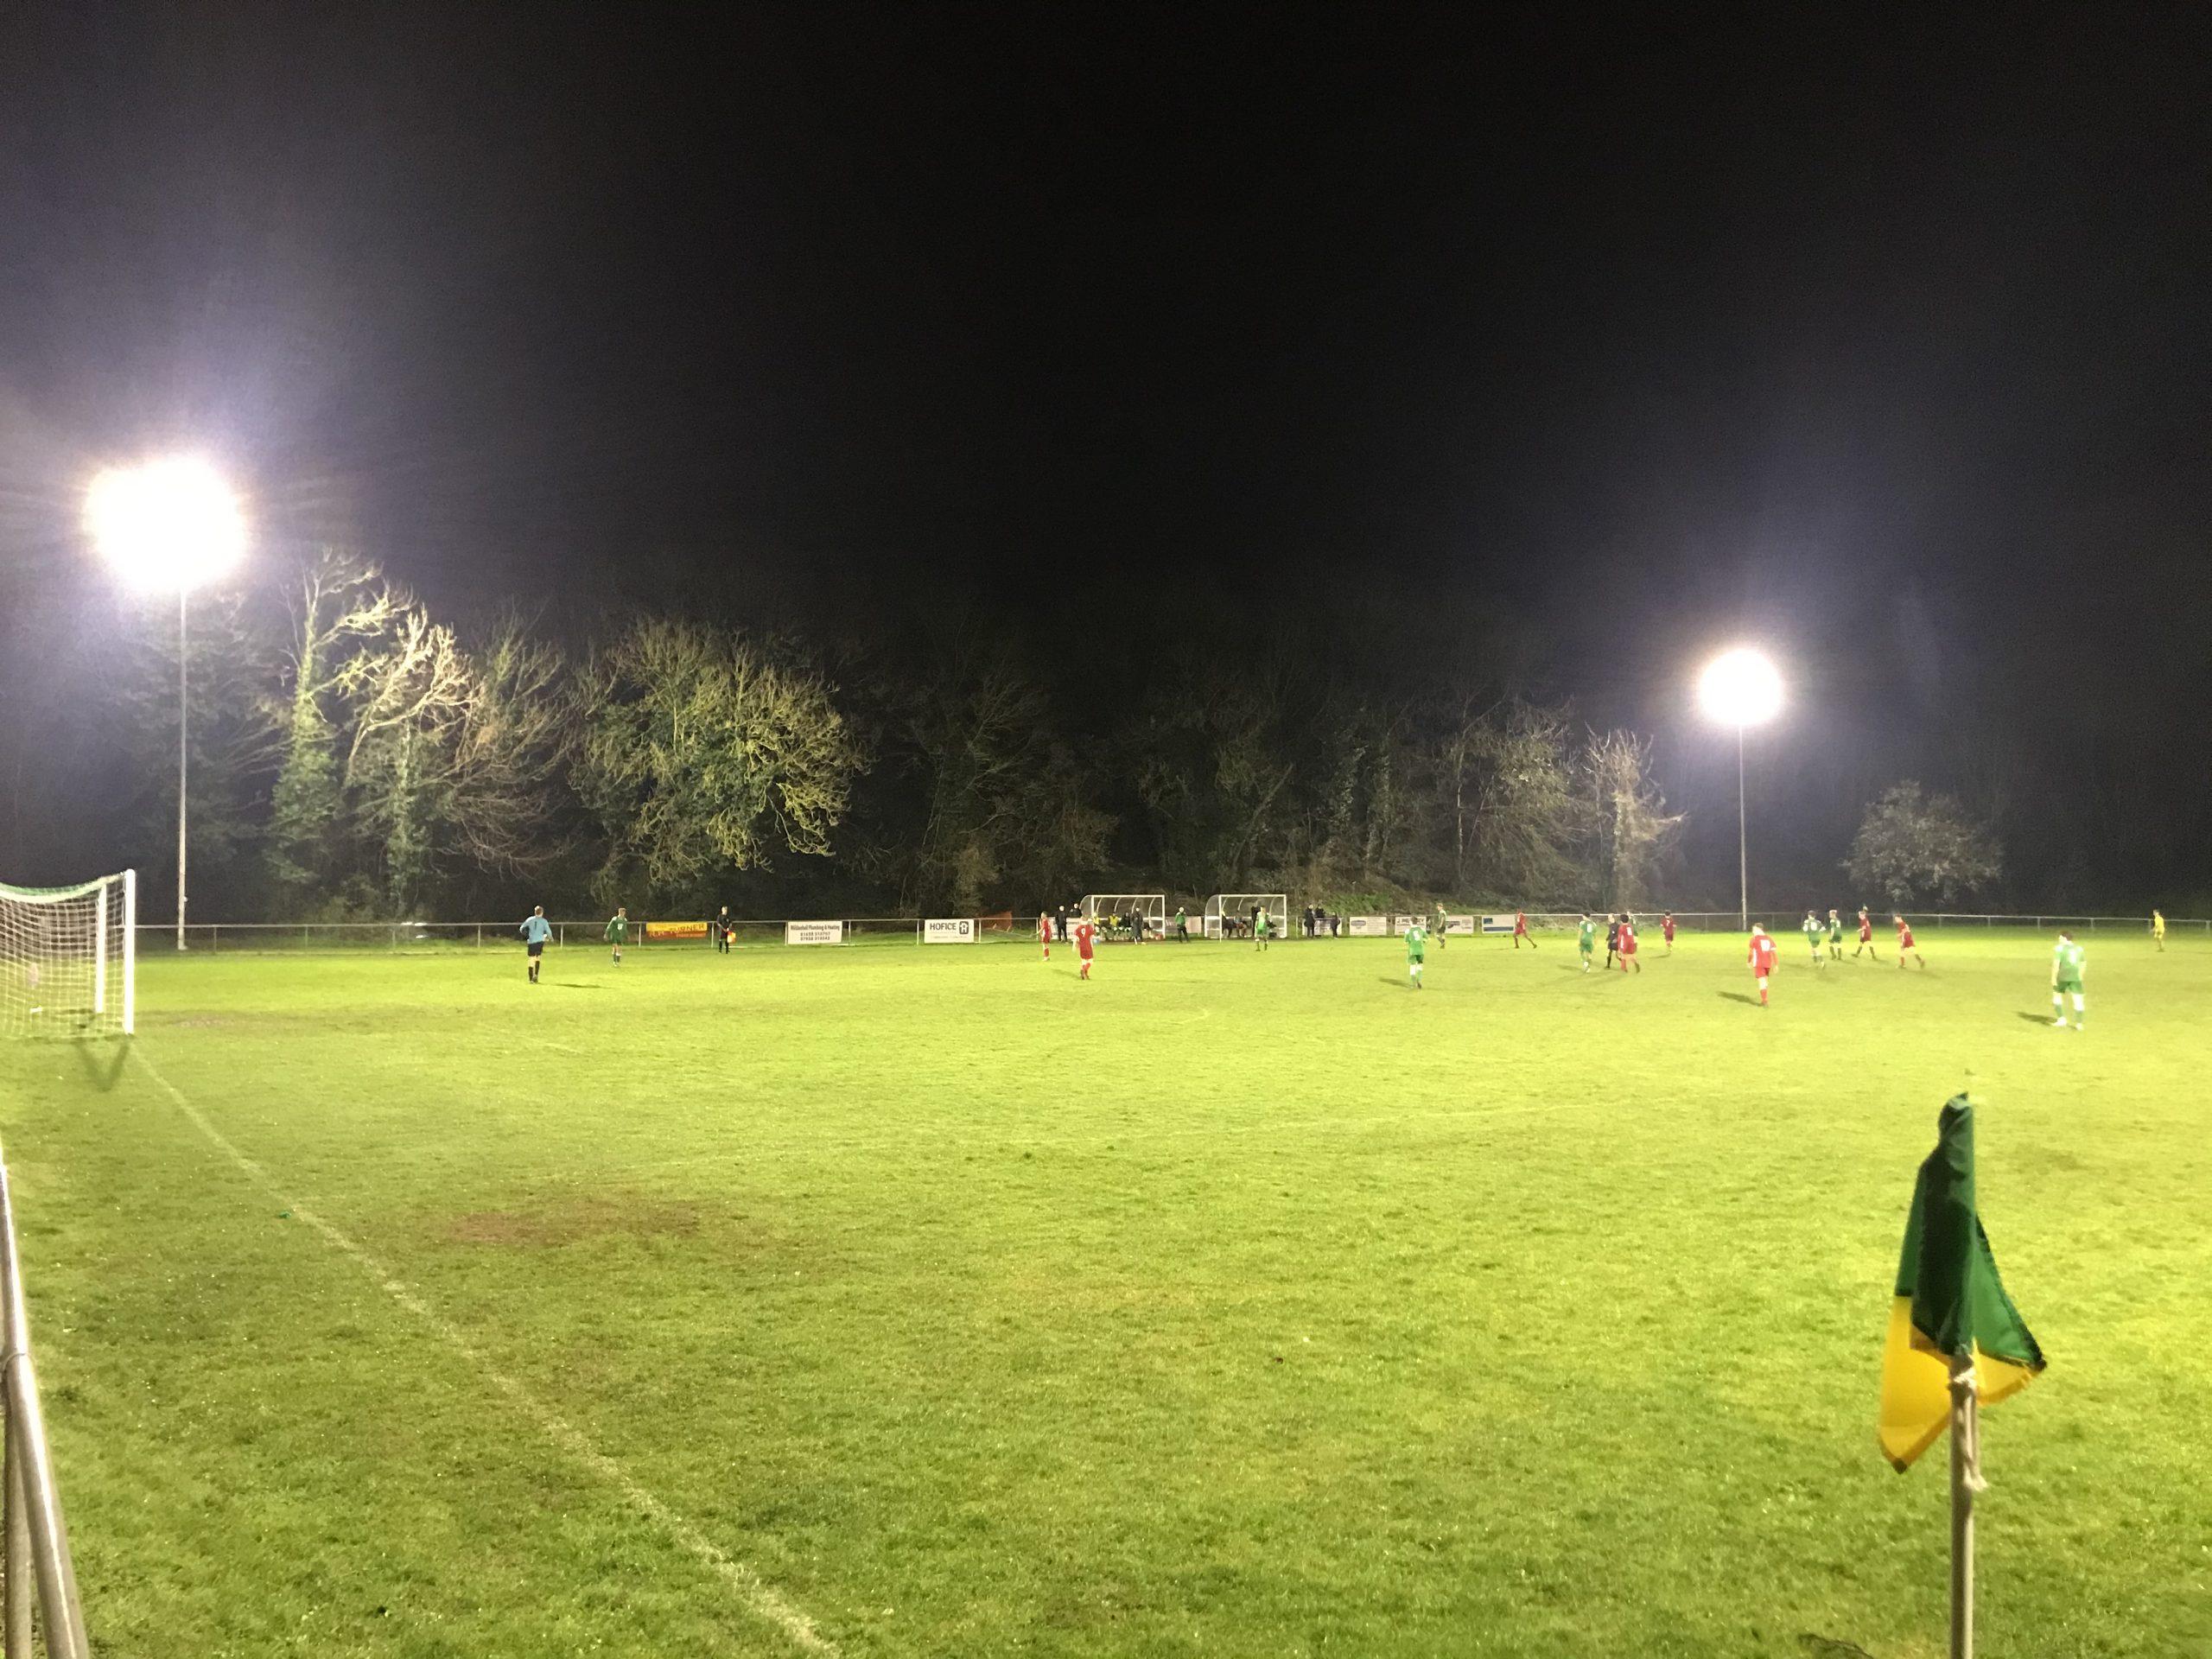 halliday lighting floodlights at lakenheath football club